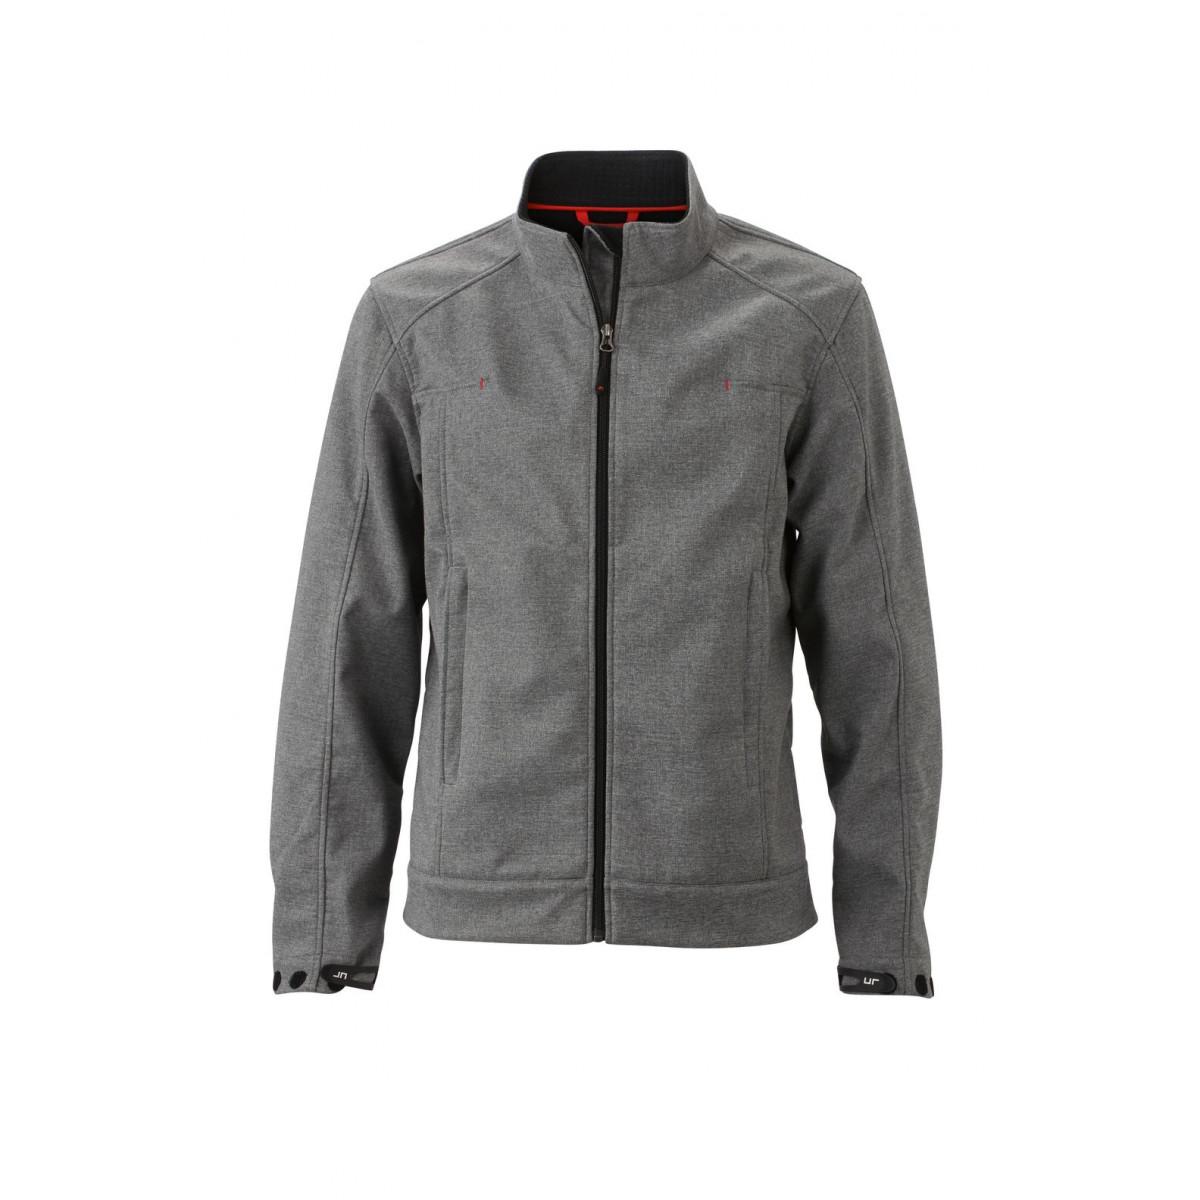 Куртка мужская JN1088 Mens Softshell Jacket - Светло-серый меланж